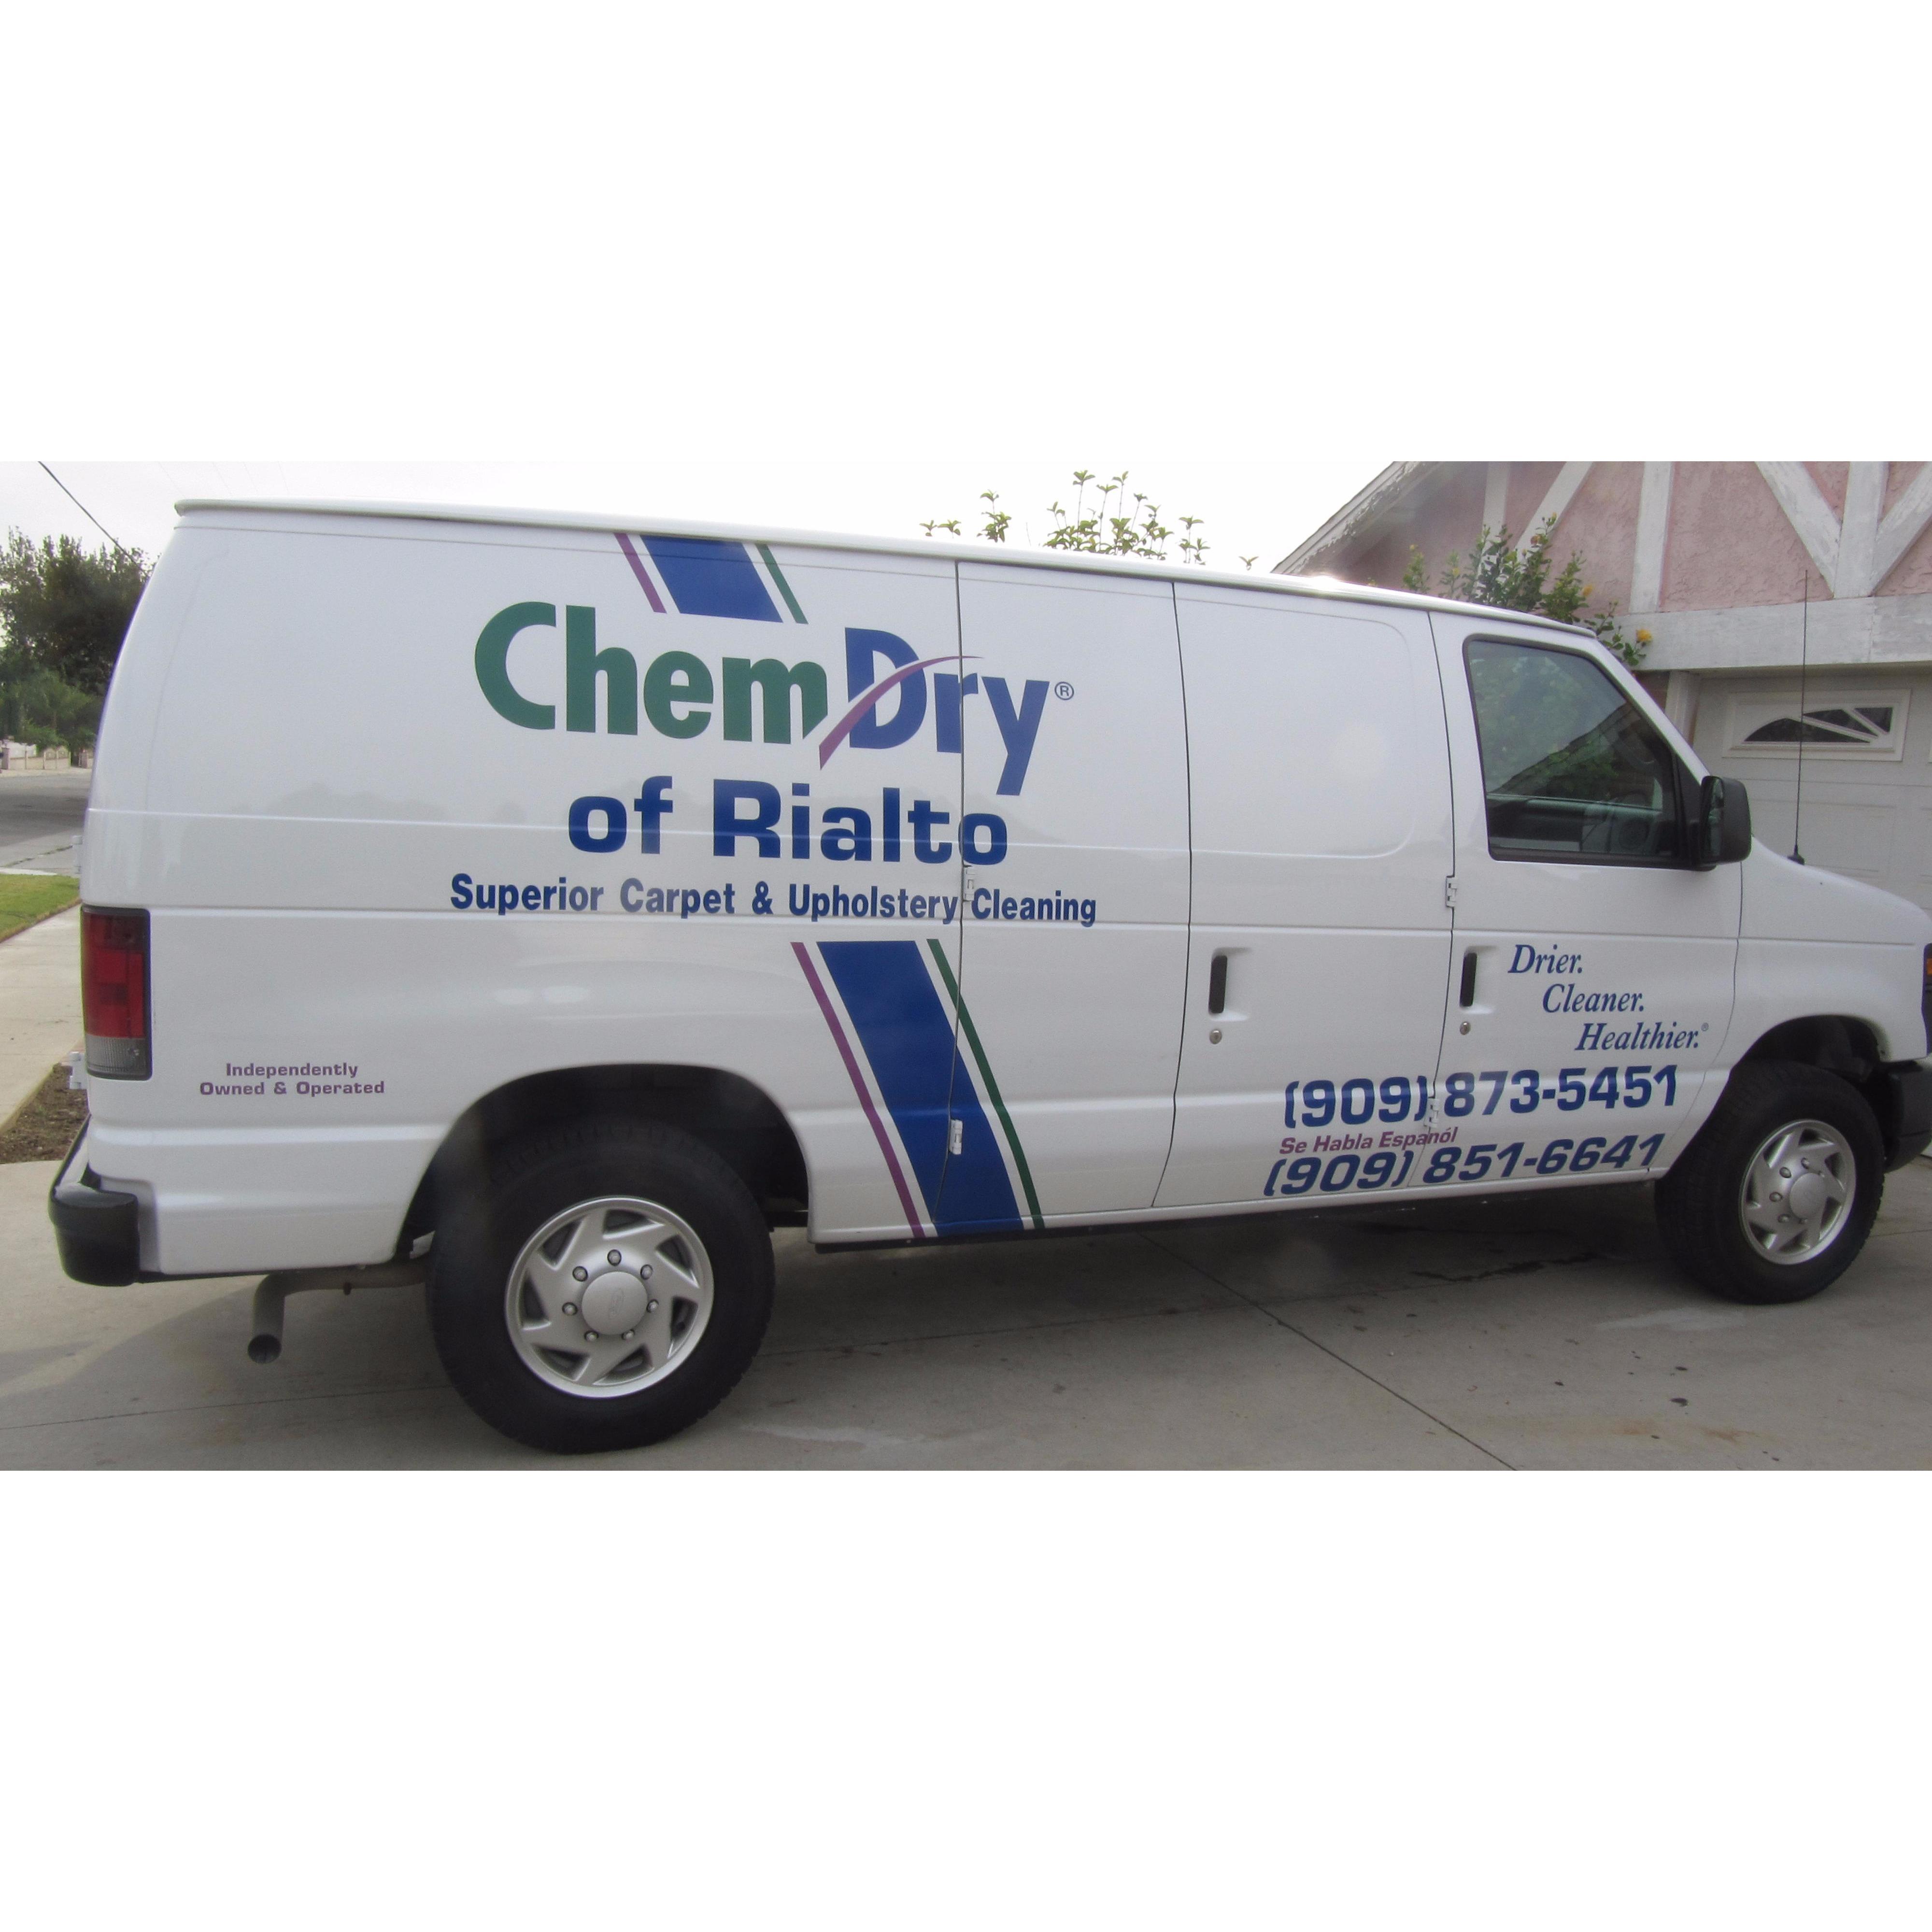 Chem-Dry of Rialto